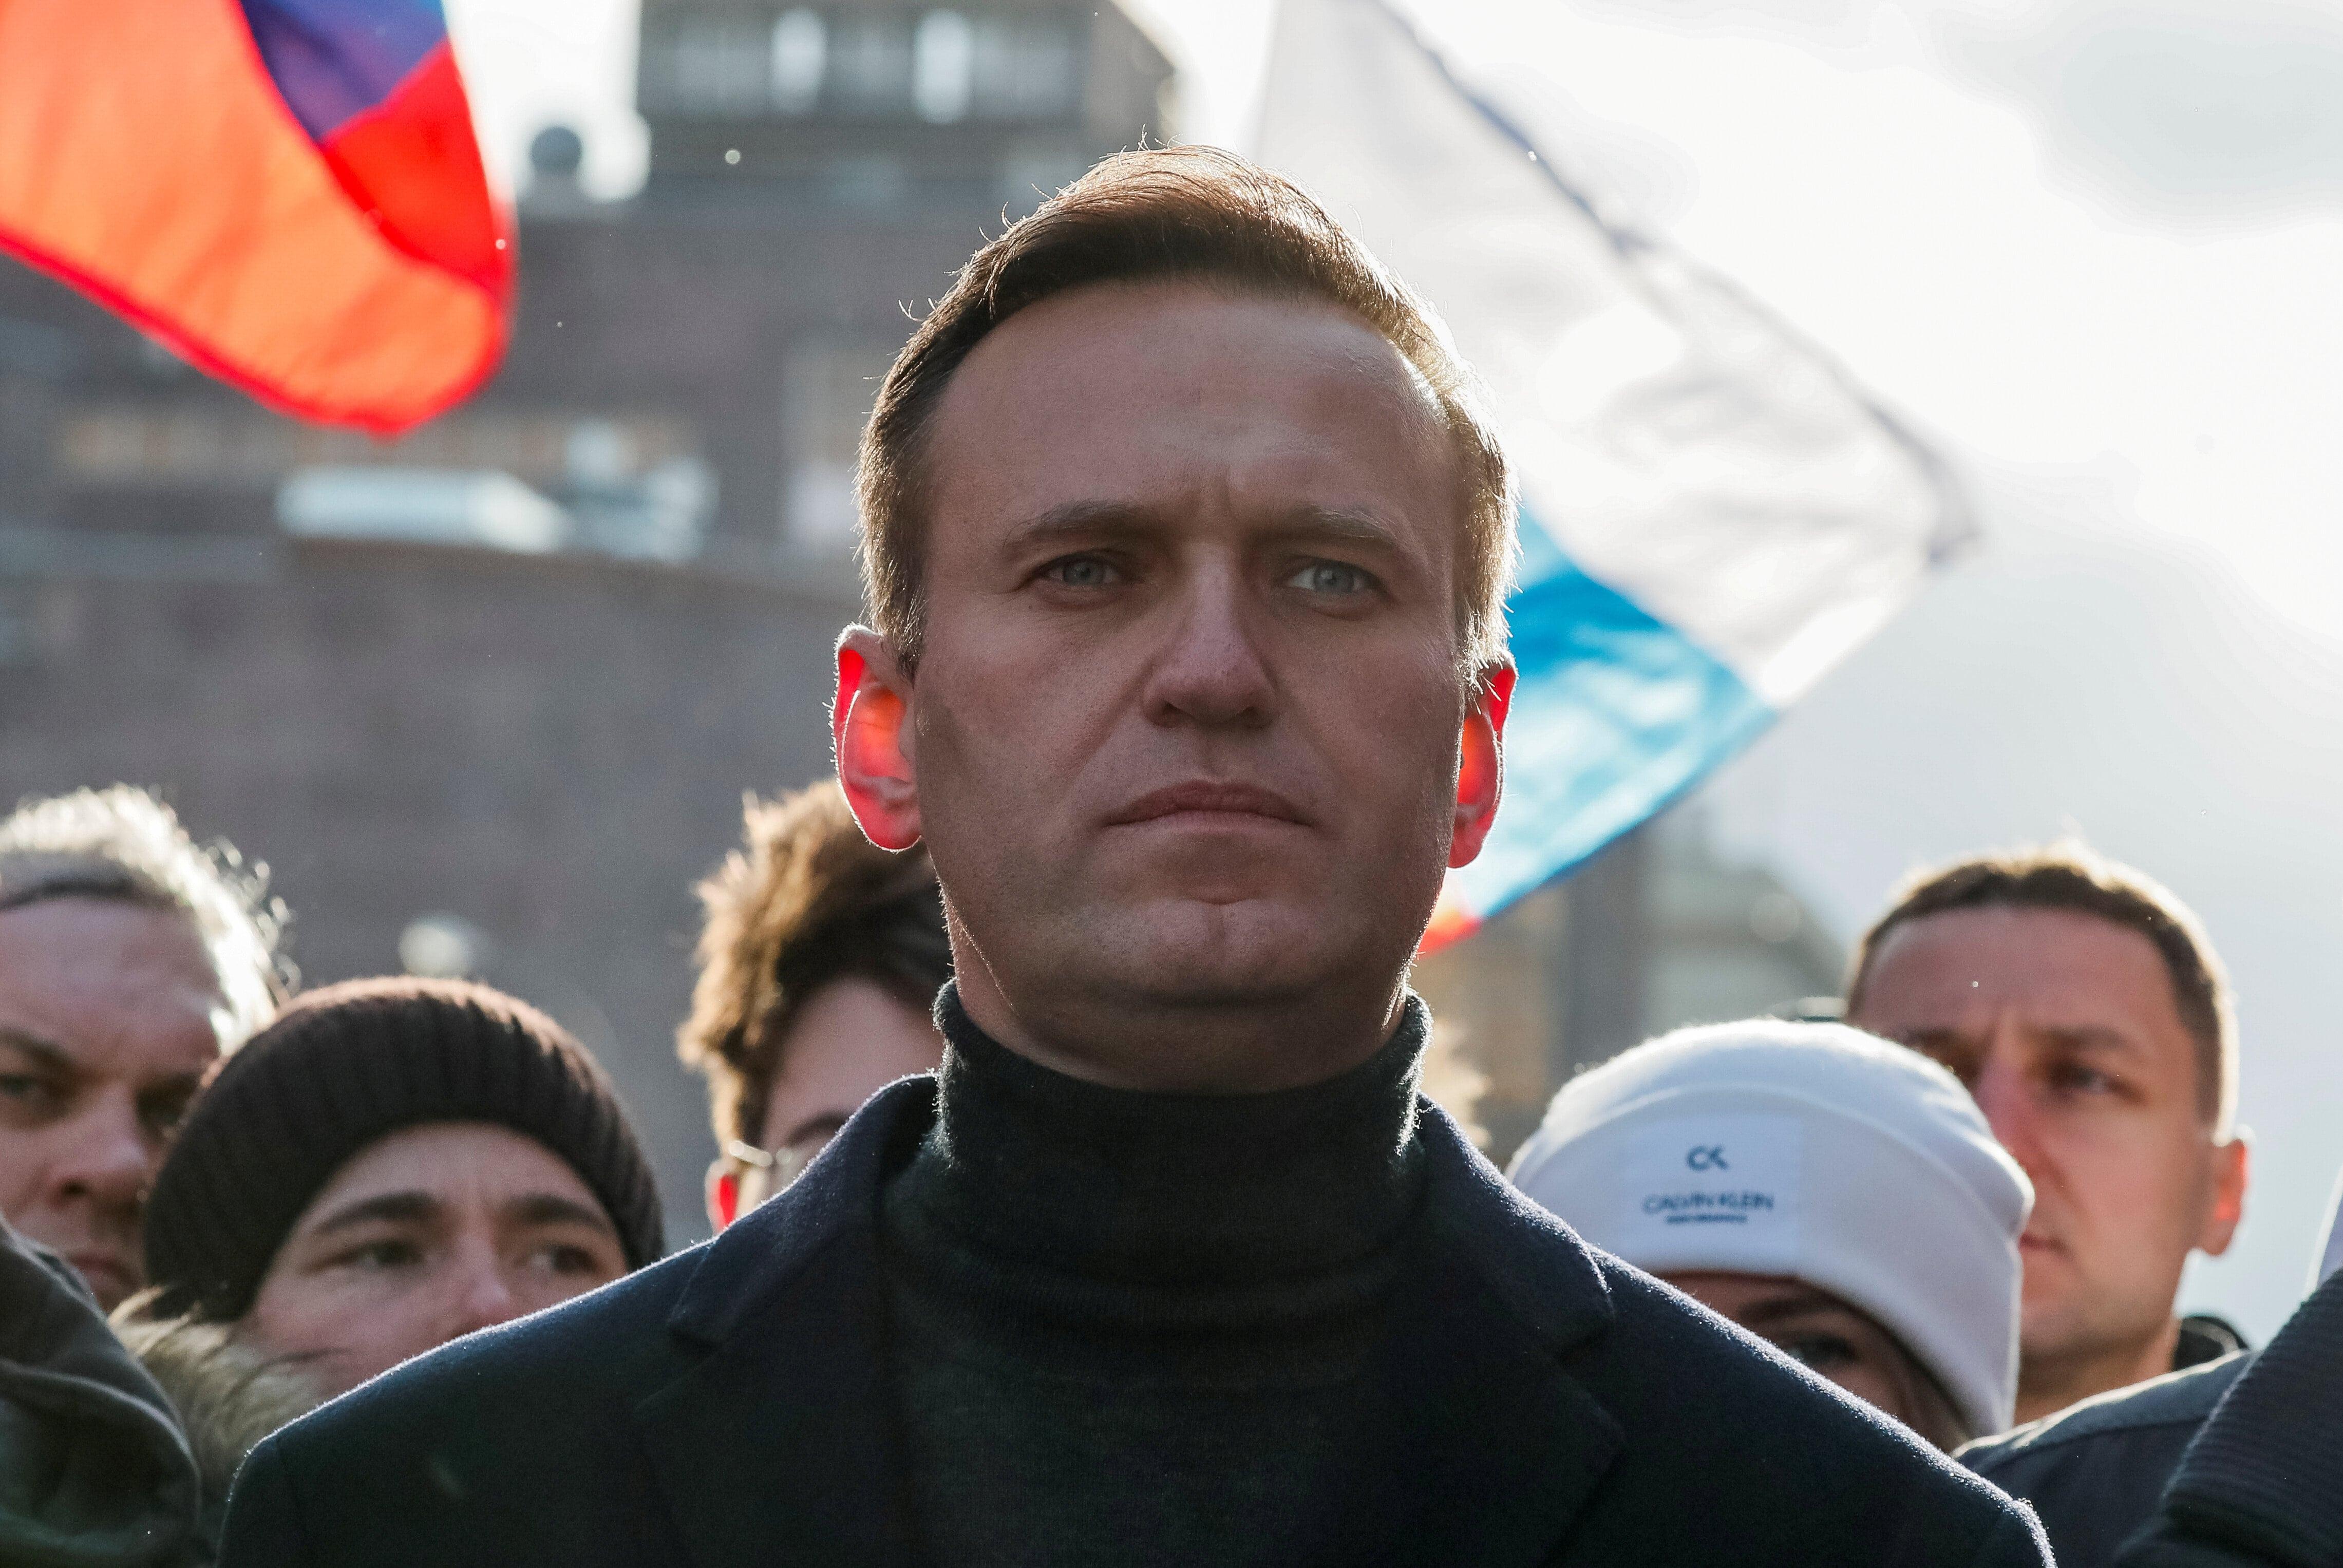 Ativista russo em frente a diversas bandeiras do país